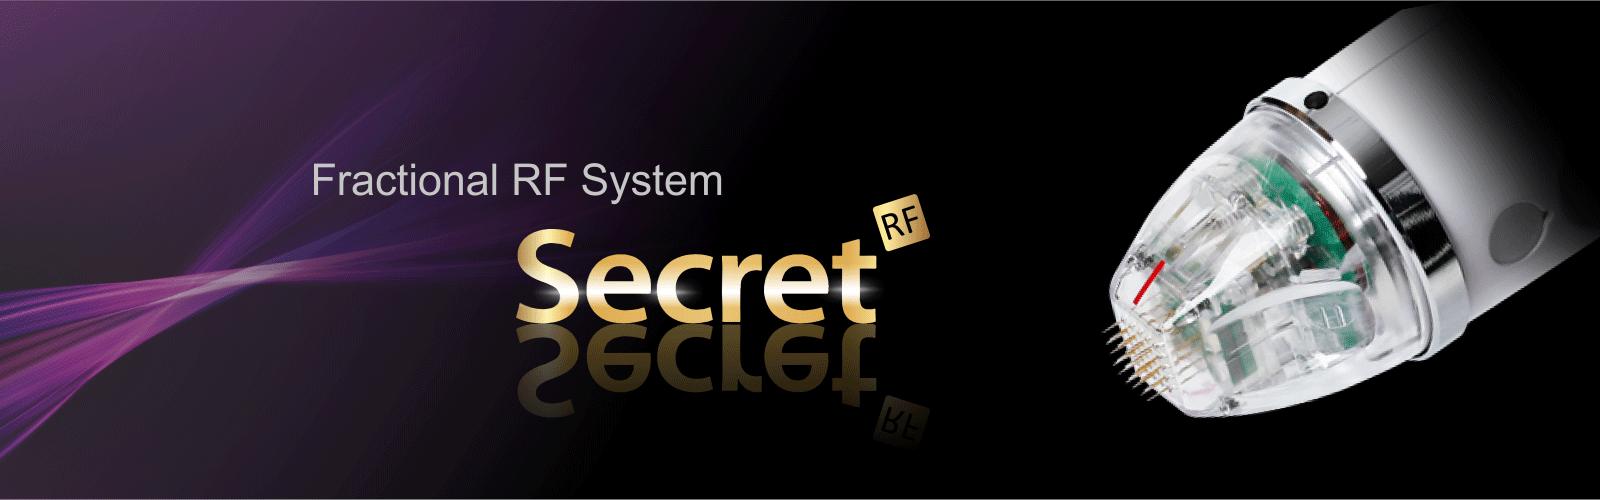 خرید لیزر دایود - خرید لیزر الکساندرایت - secret